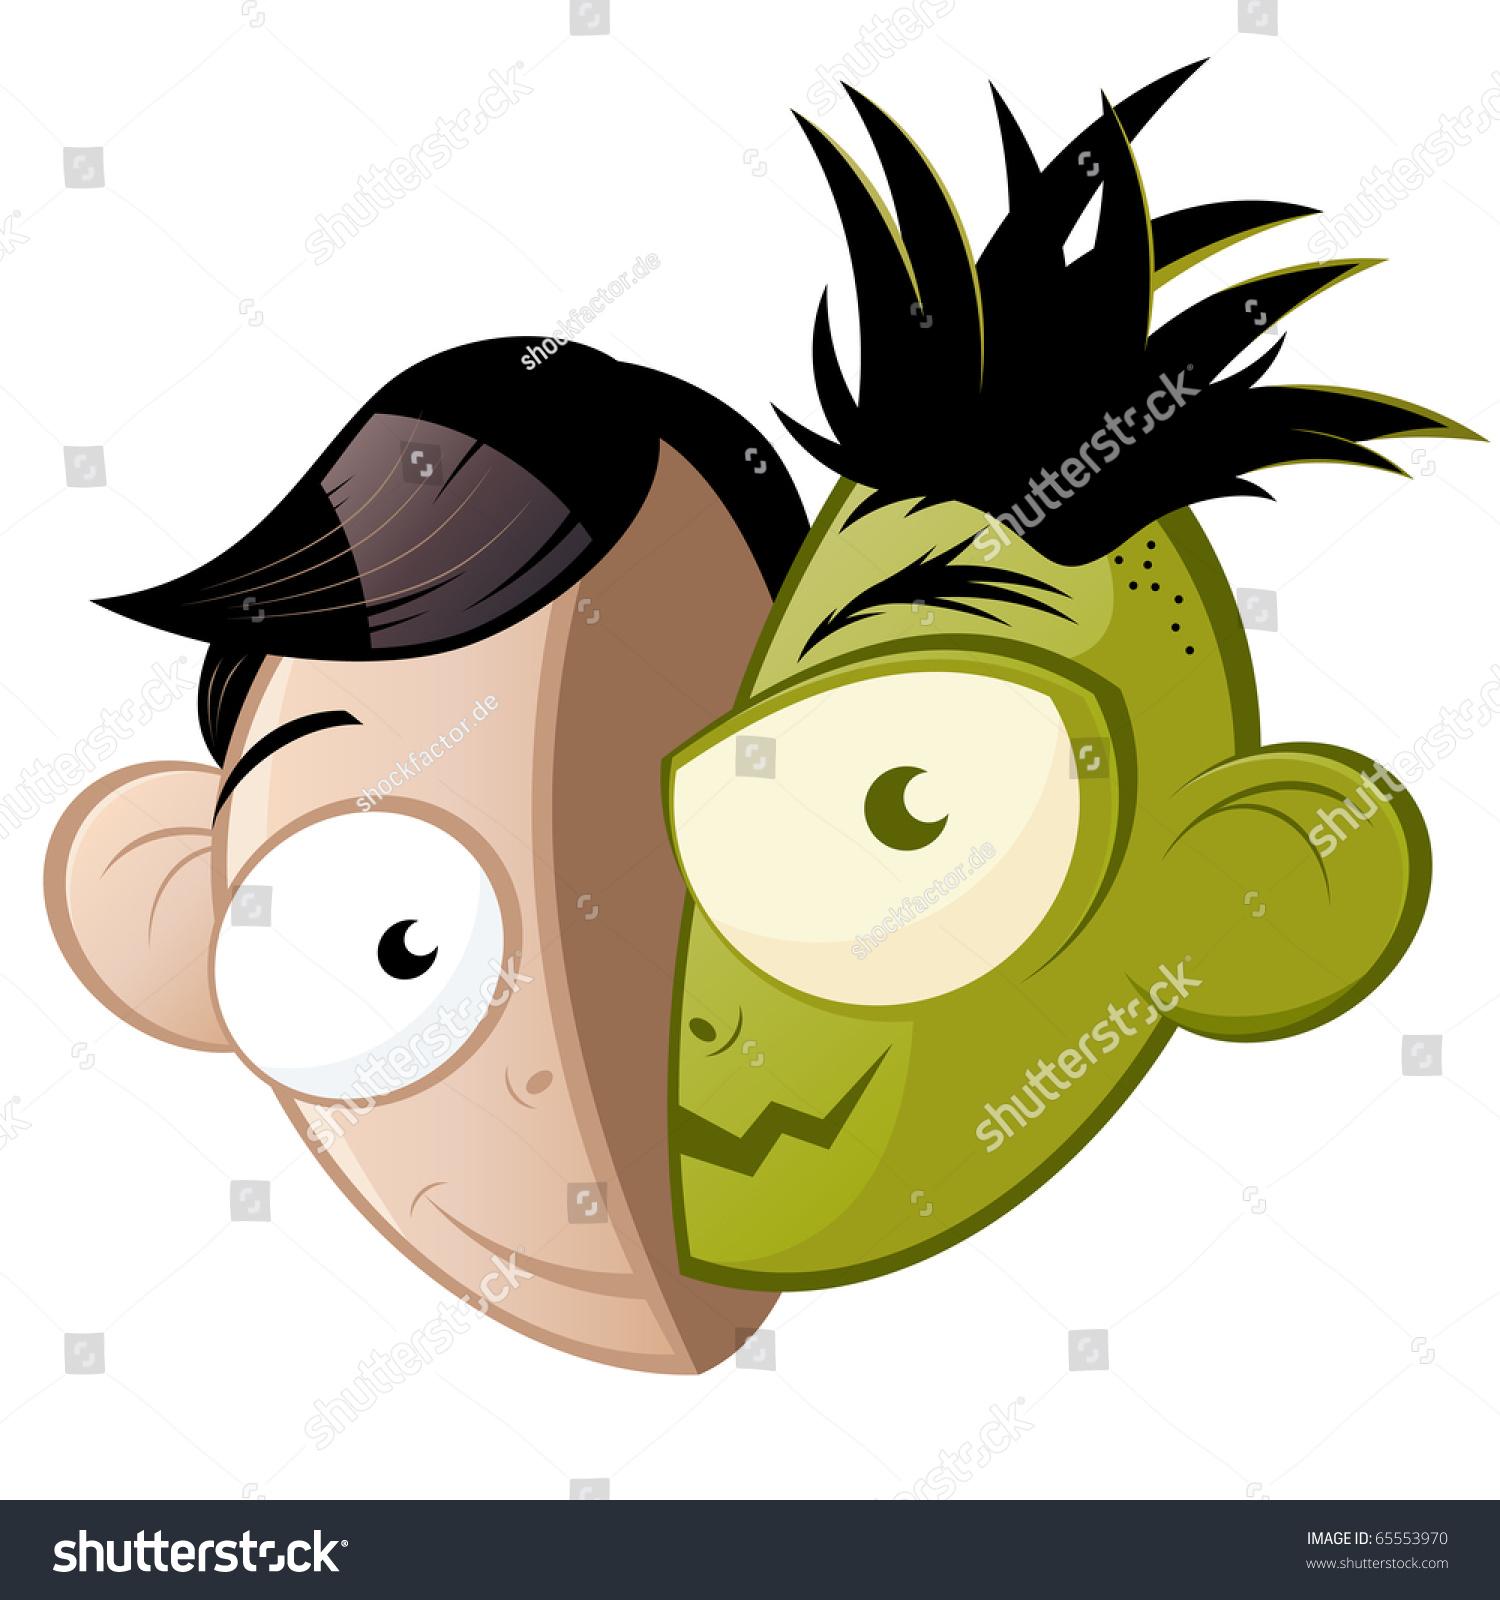 funny good evil cartoon head のベクター画像素材 ロイヤリティフリー